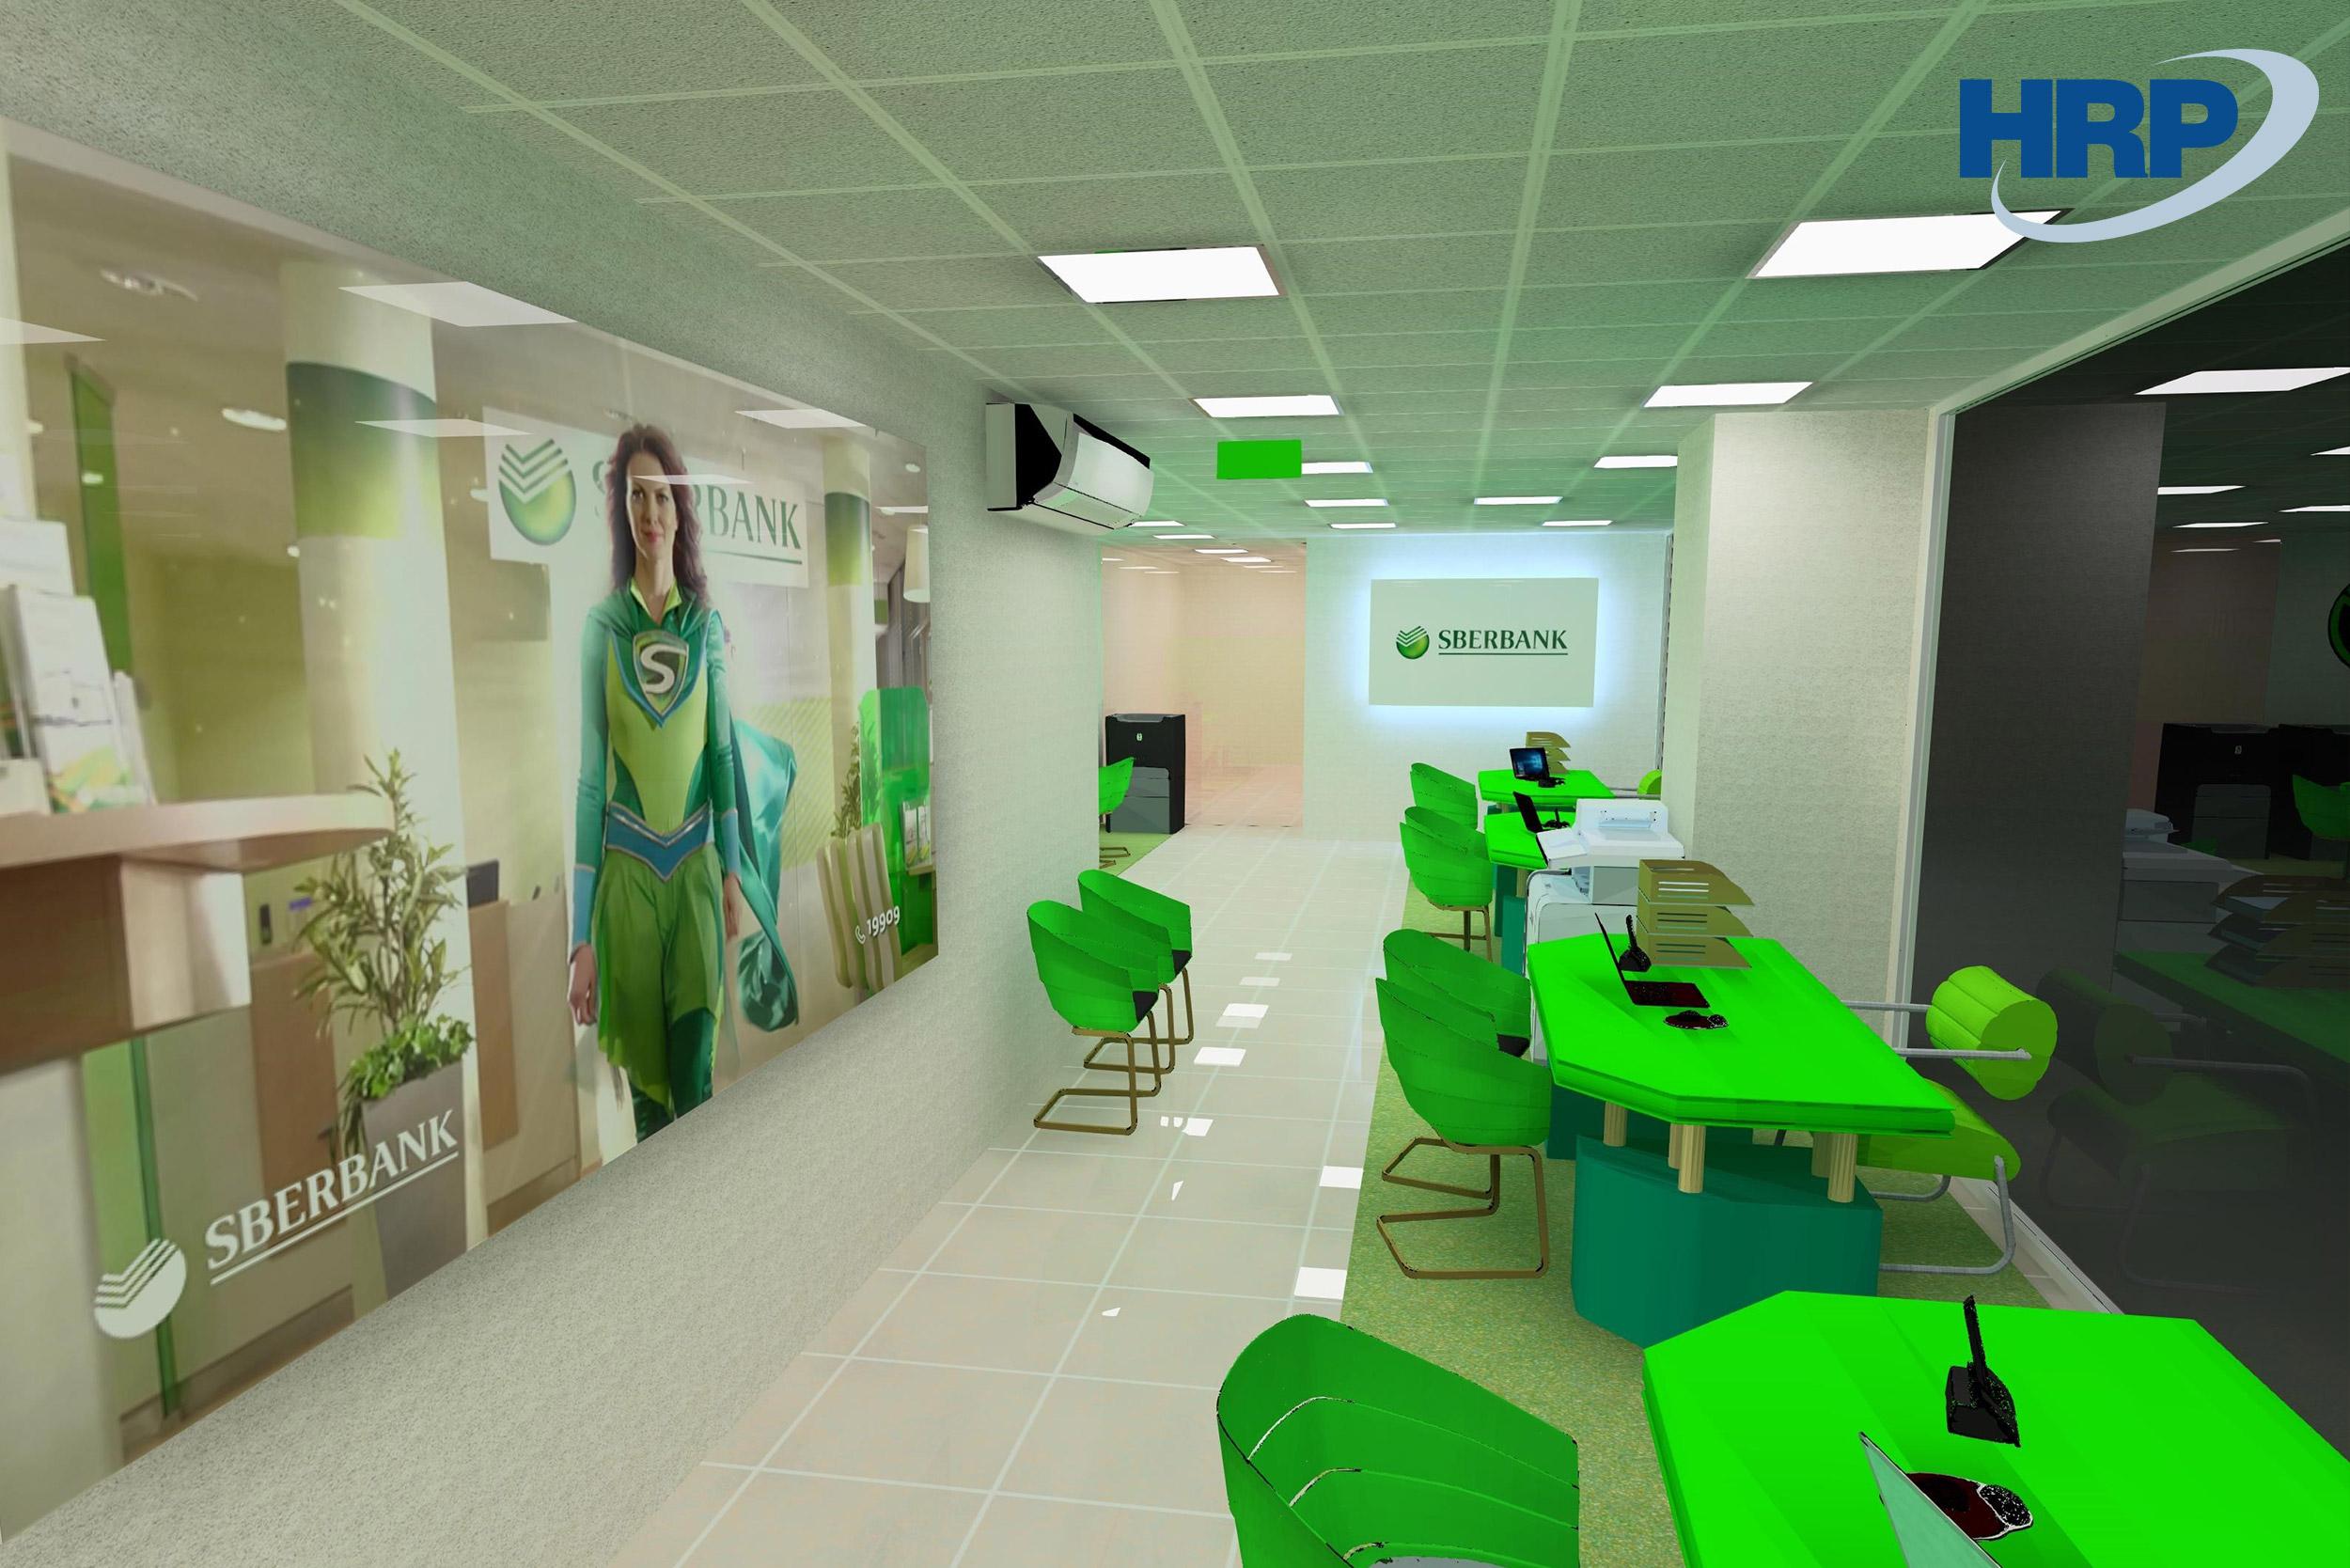 Sberbank beltéri világítás 3D látvány